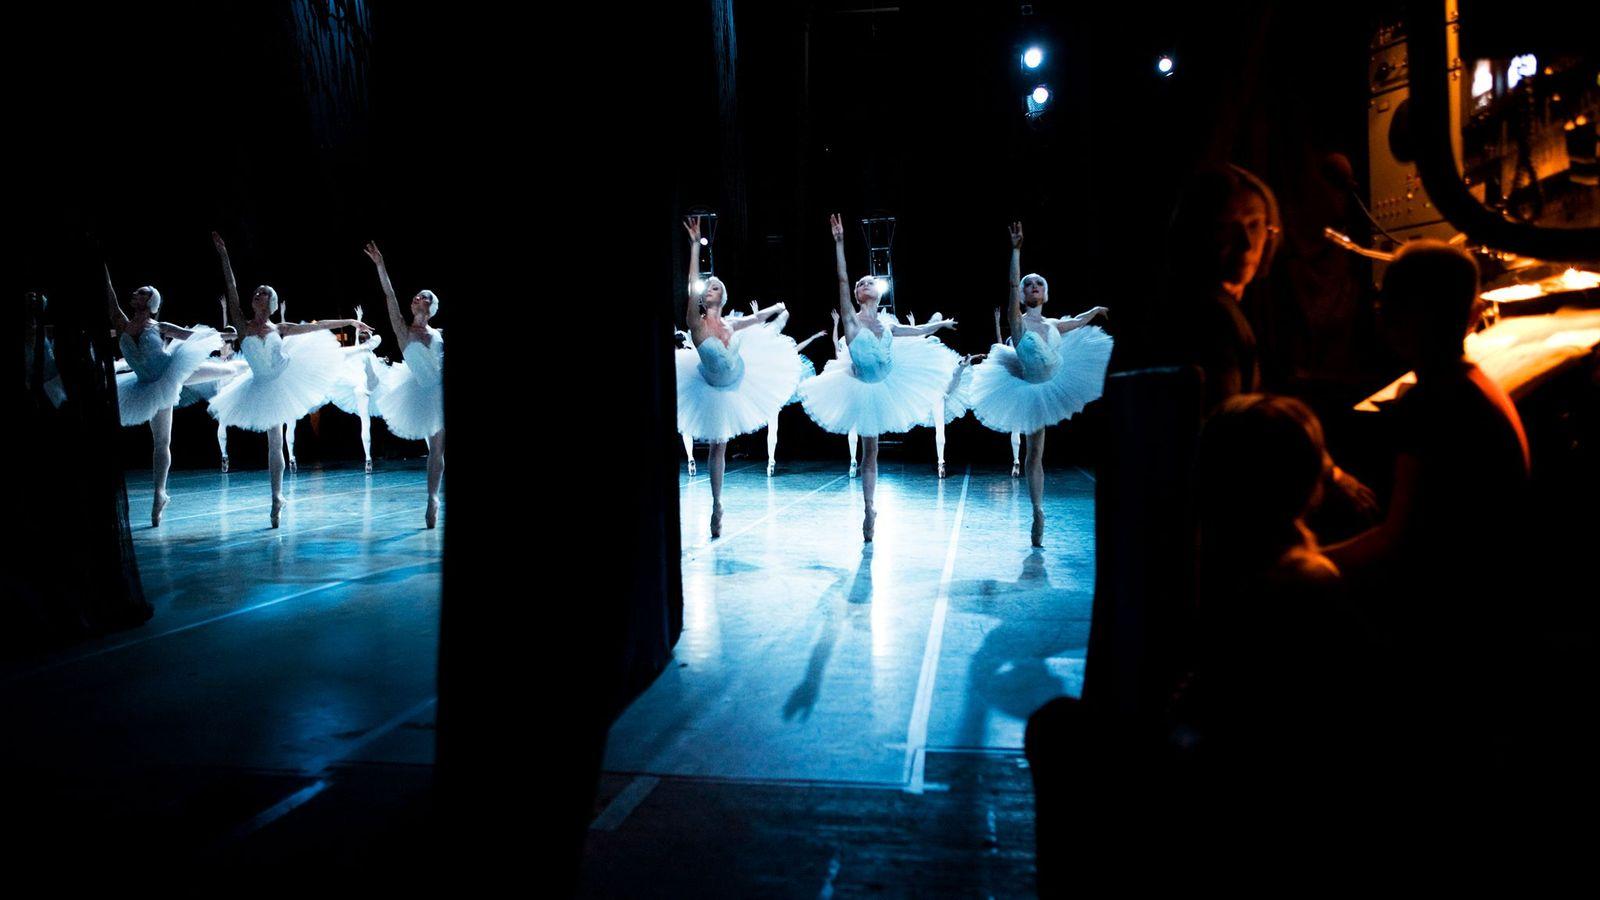 Bailarinas danzando en el Teatro de Ballet Mariinski, vistas desde detrás de escena.